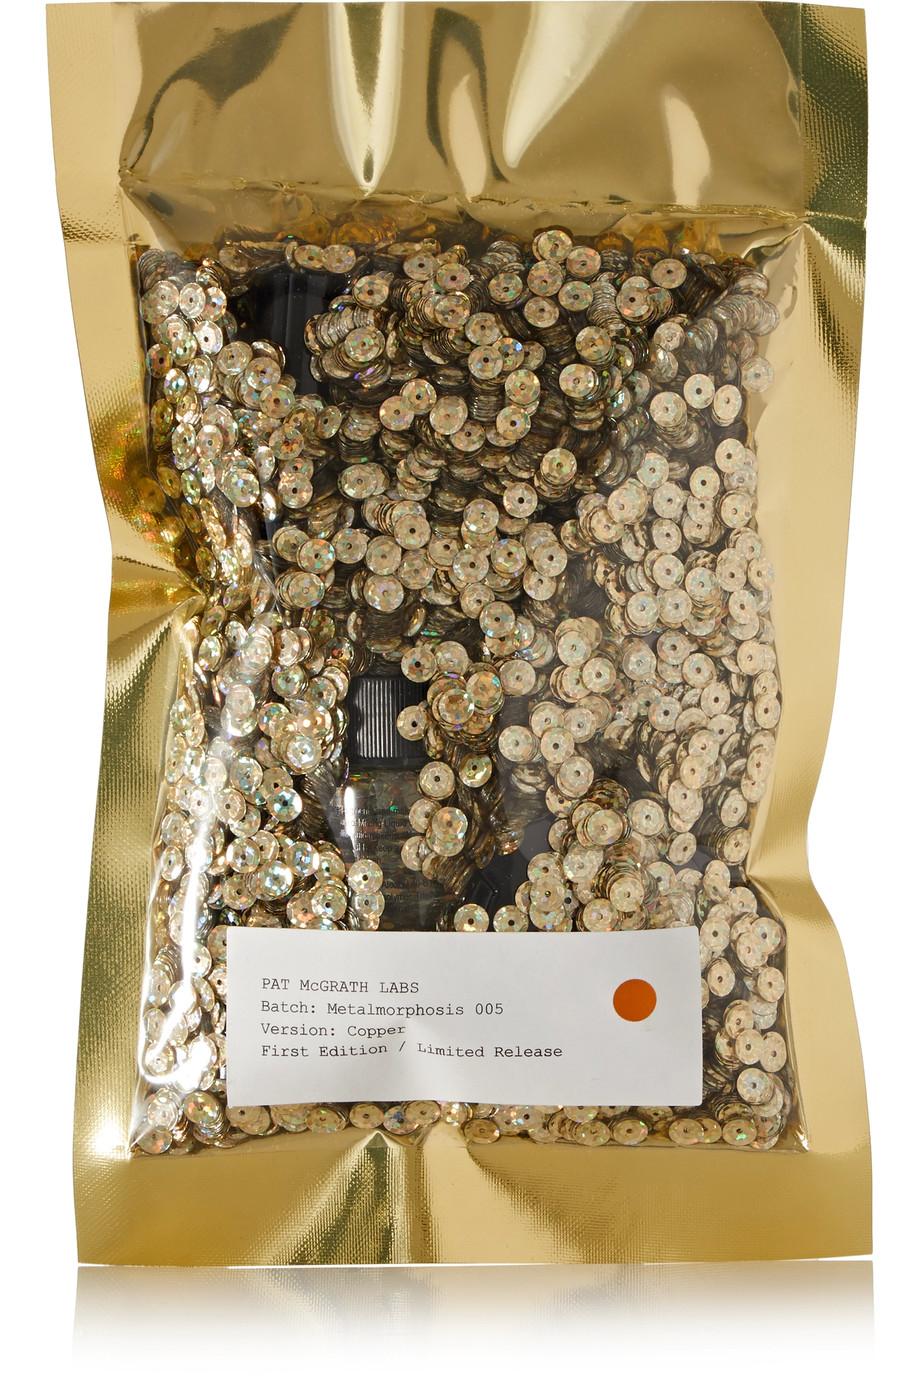 Pat McGrath Metalmorphosis 005 Kit in Copper Bag